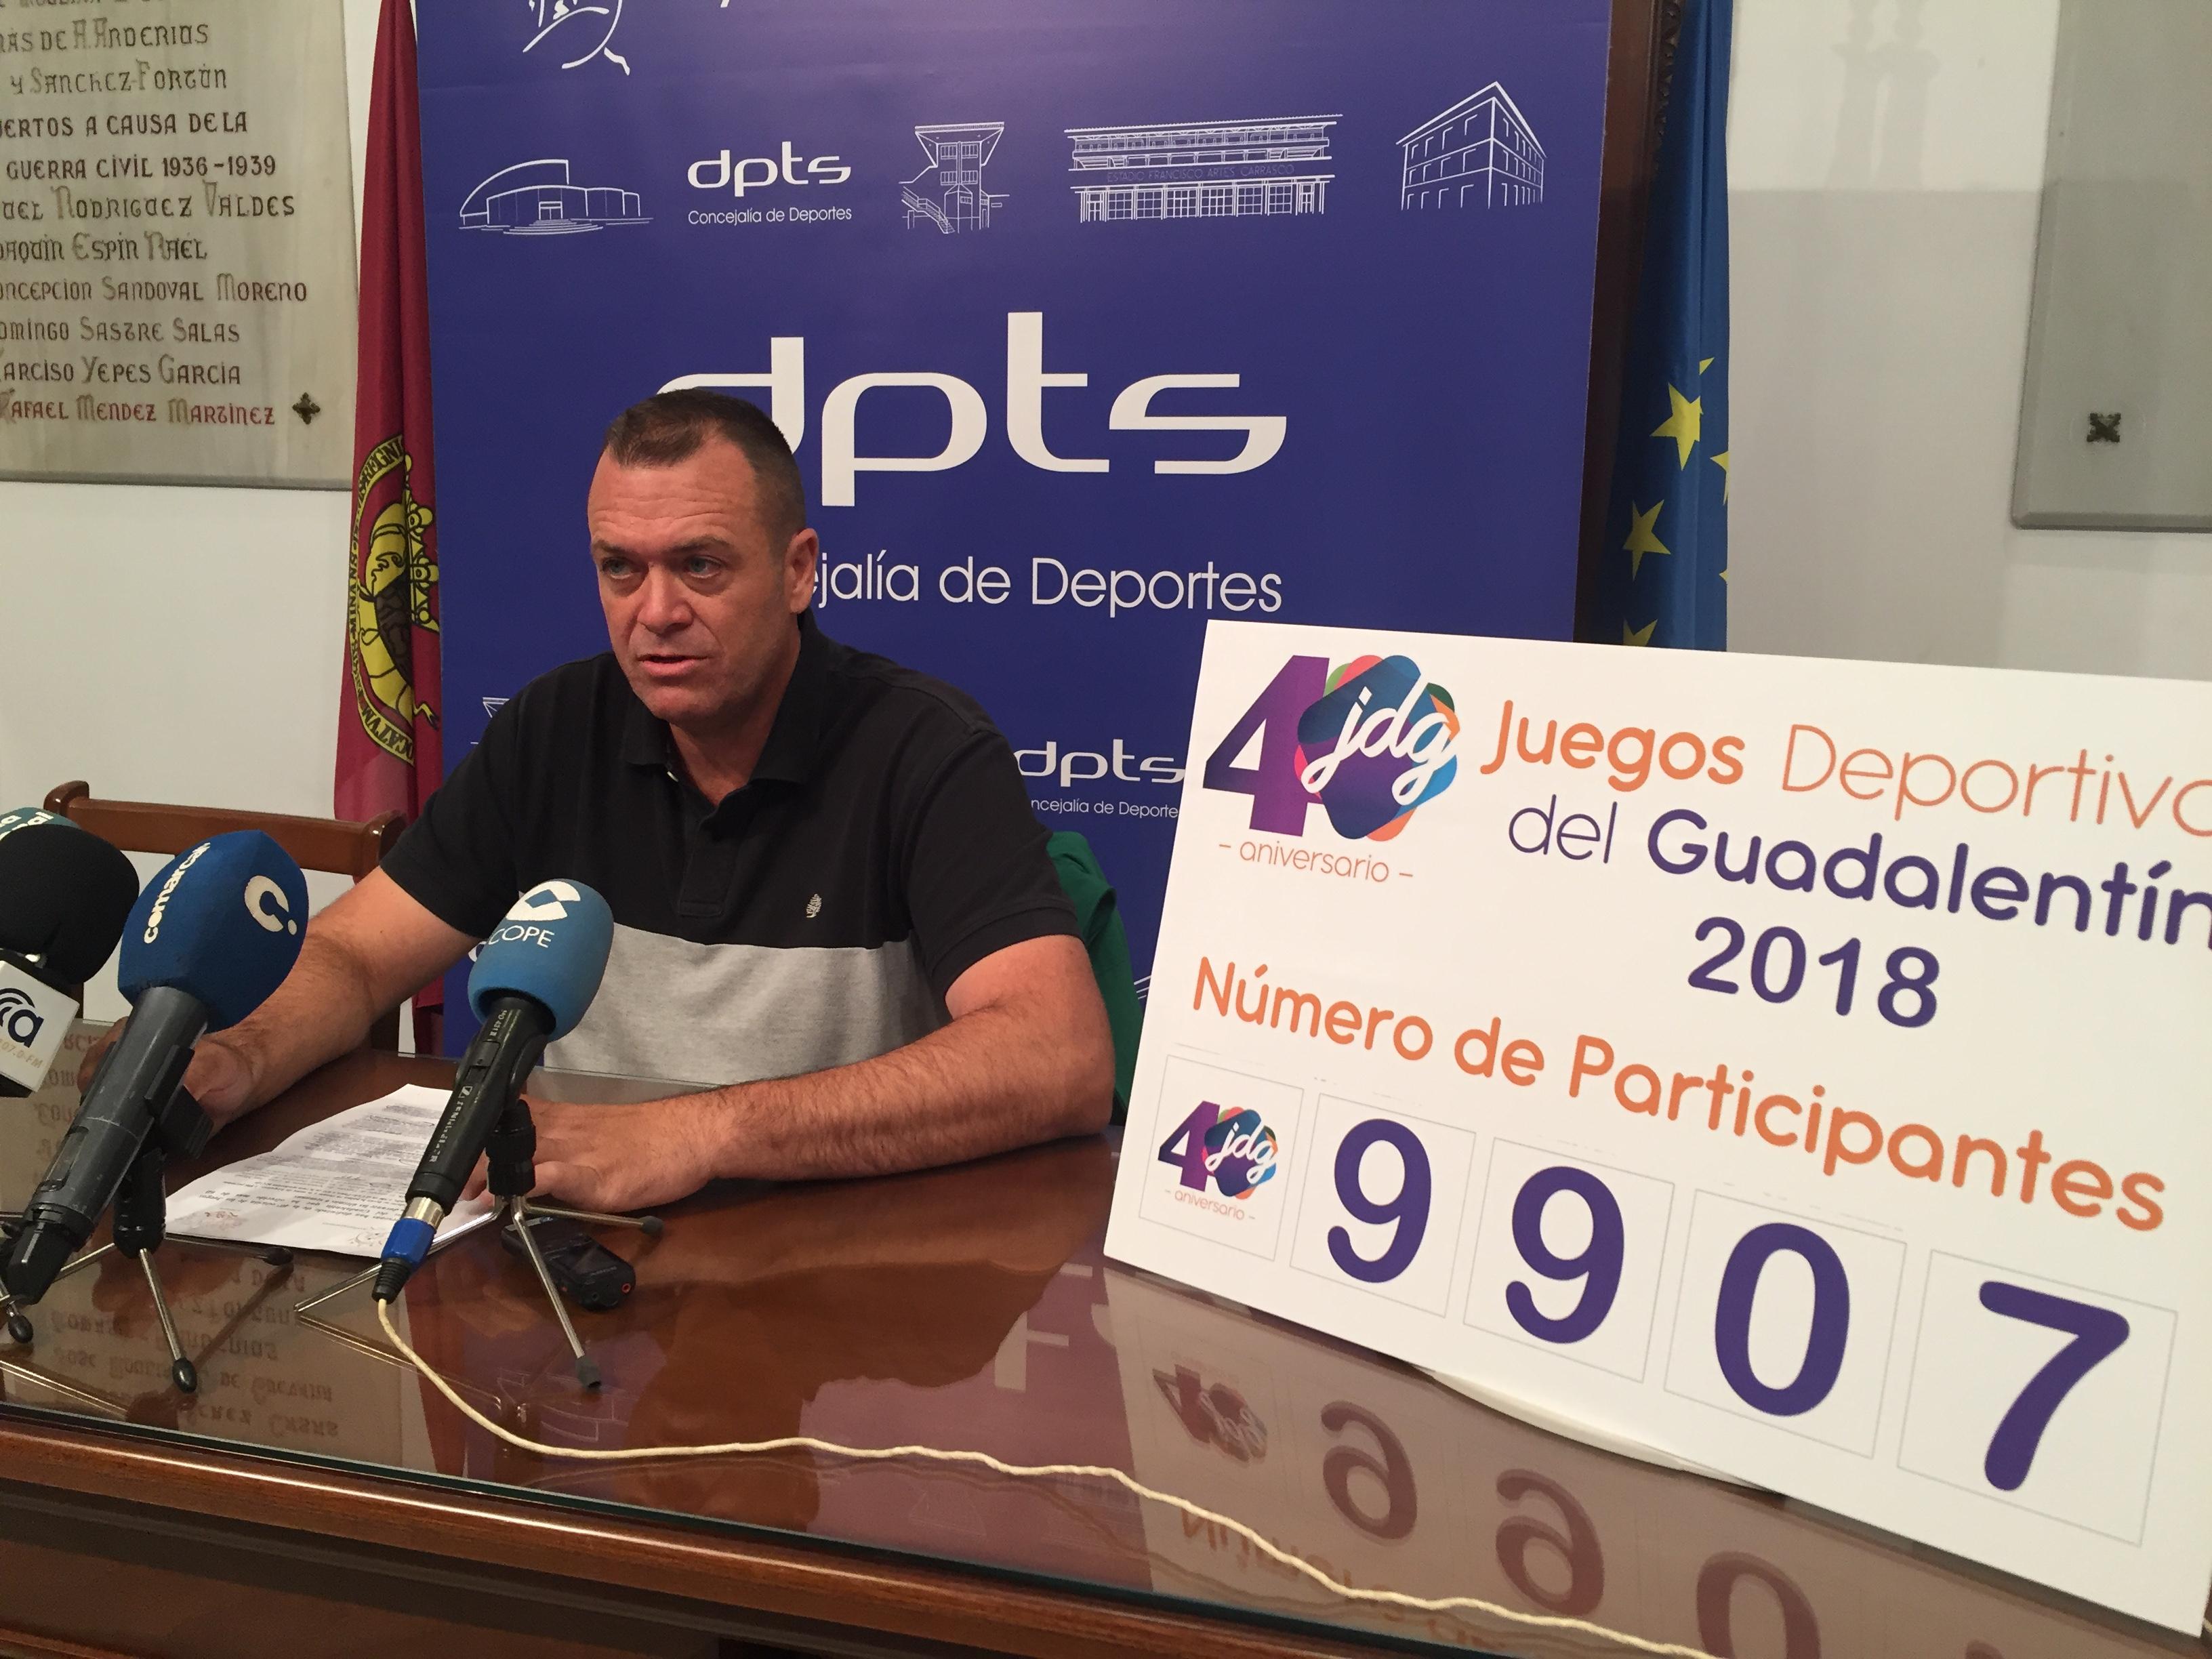 Casi 10.000 personas han participado en la 40ª edición de los Juegos Deportivos del Guadalentín